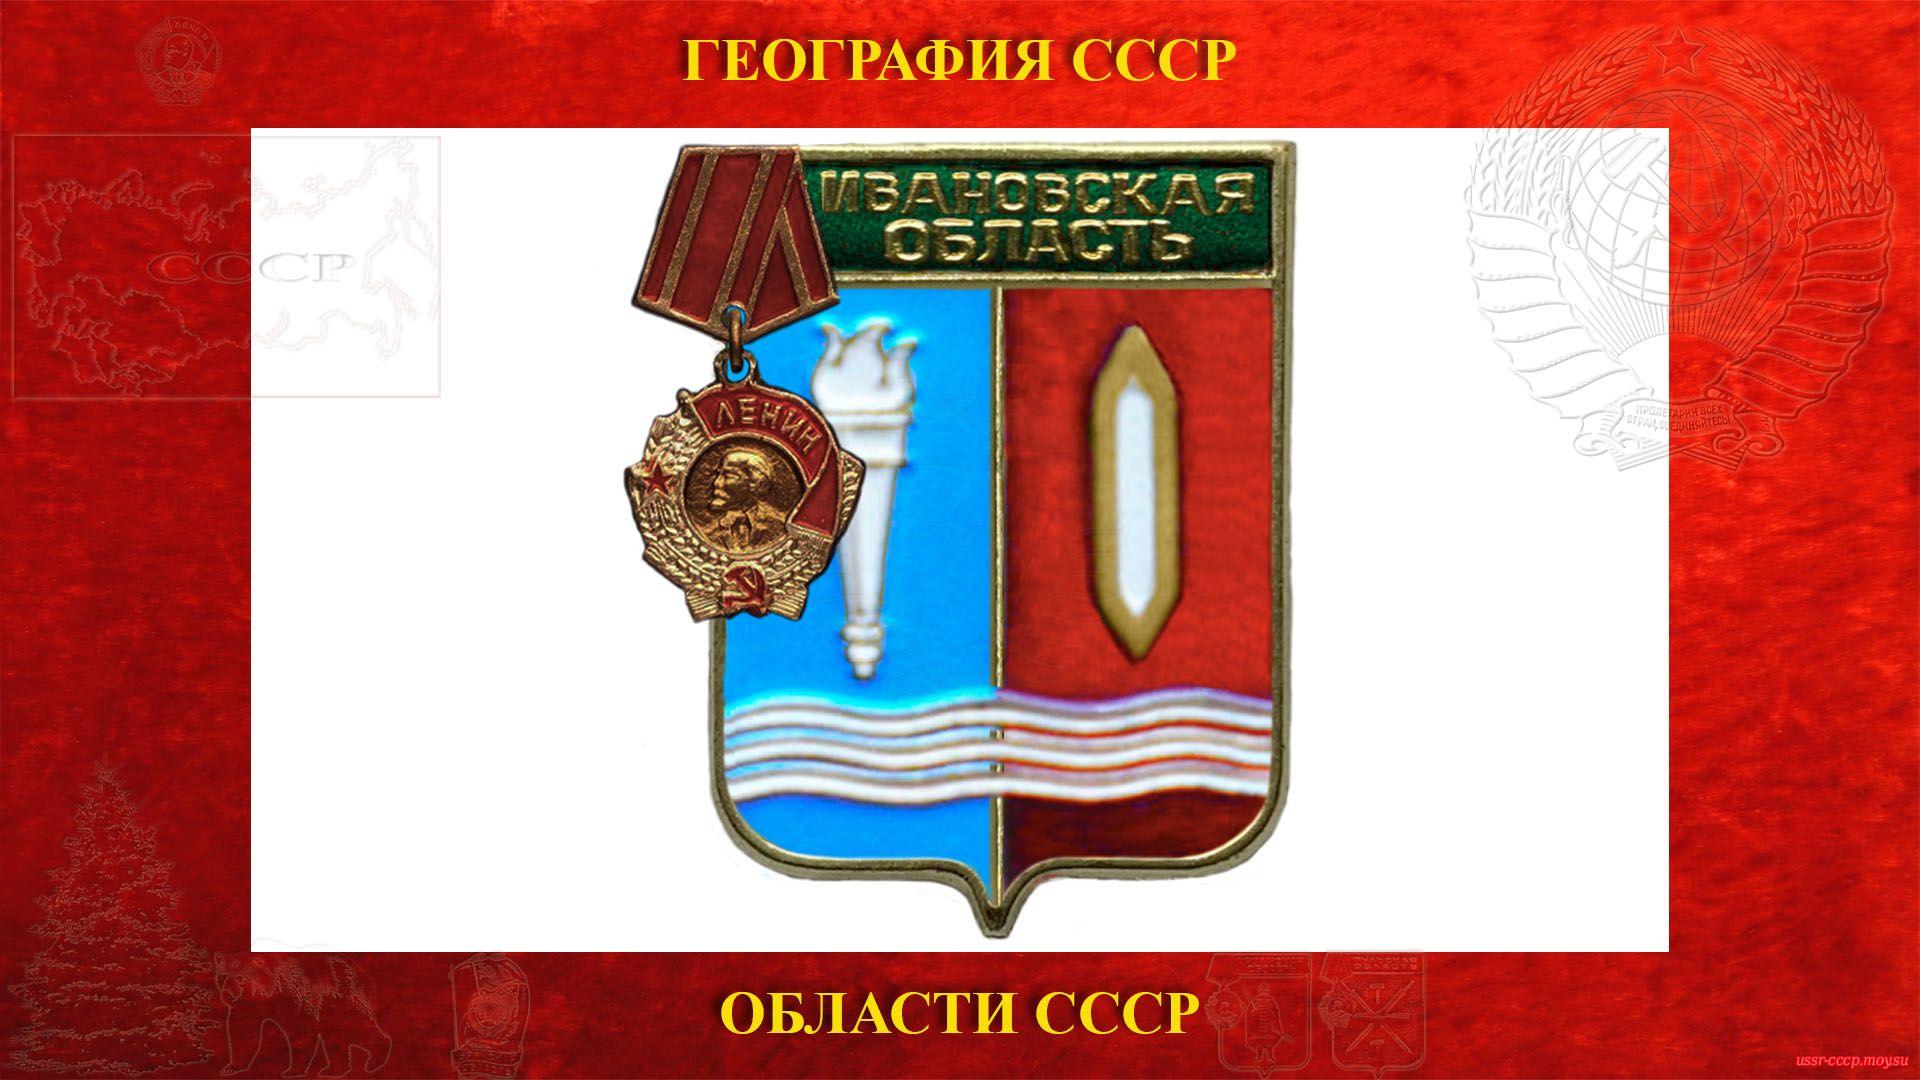 Ивановская область— Областной центр РСФСР в составе СССР (11.03.1936)